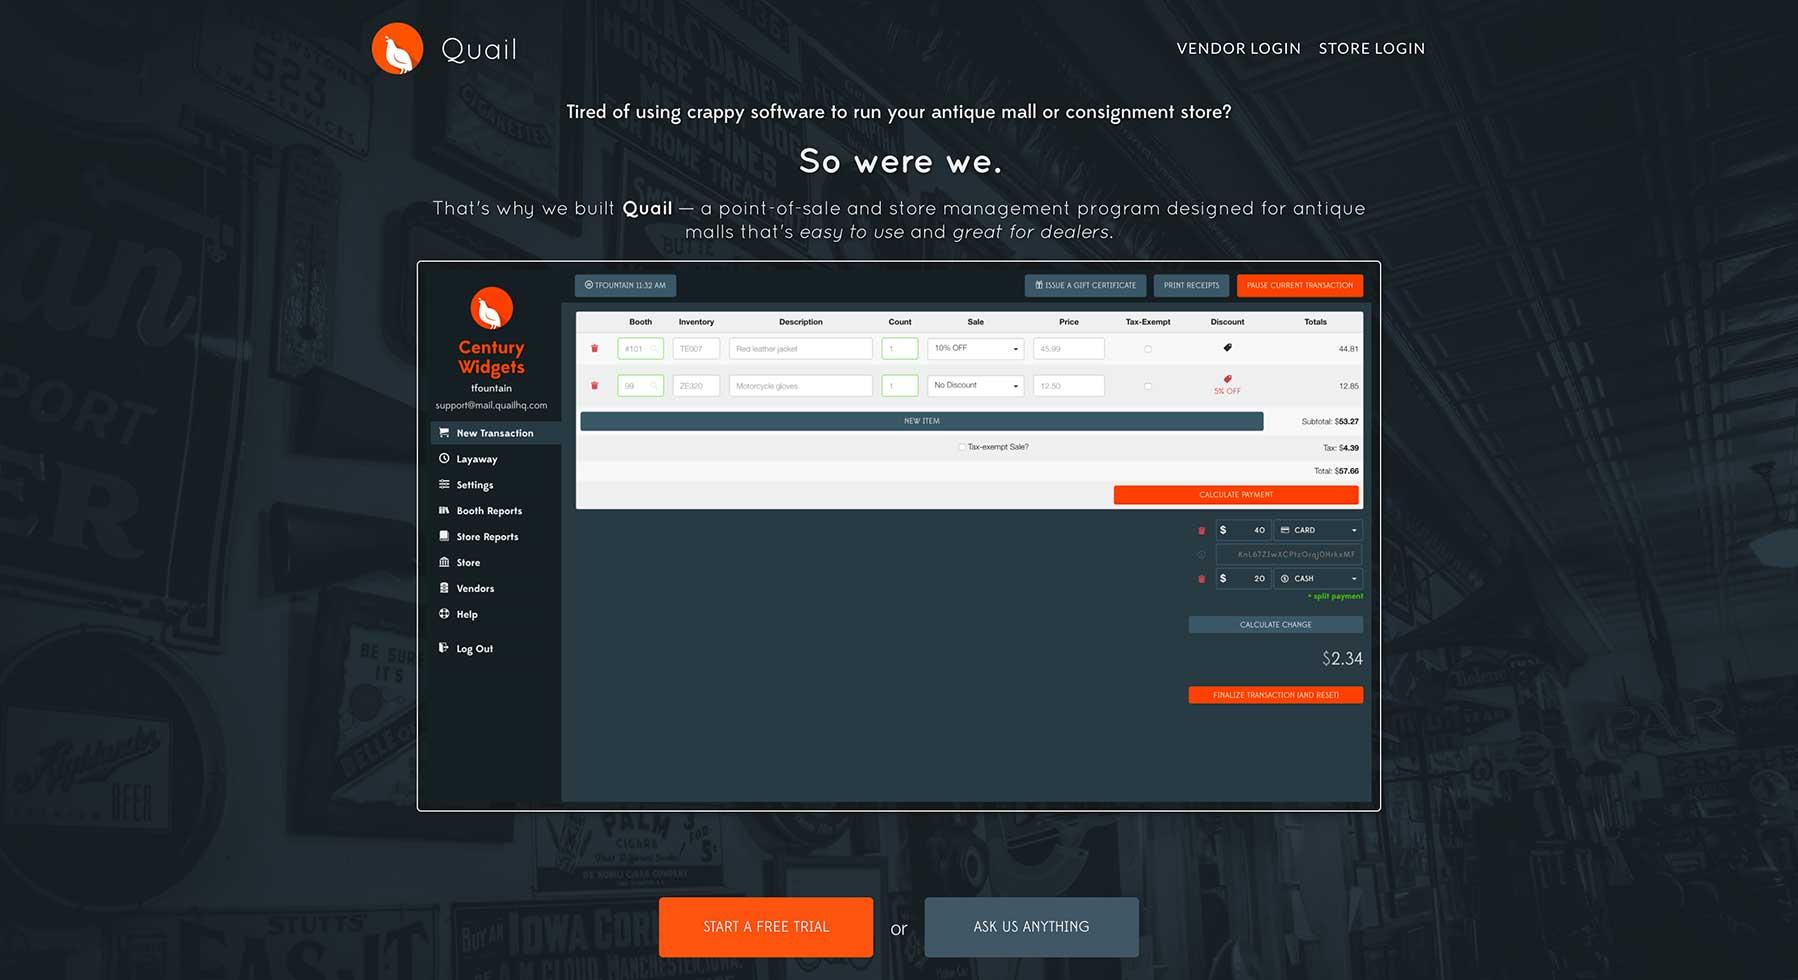 Quail homepage